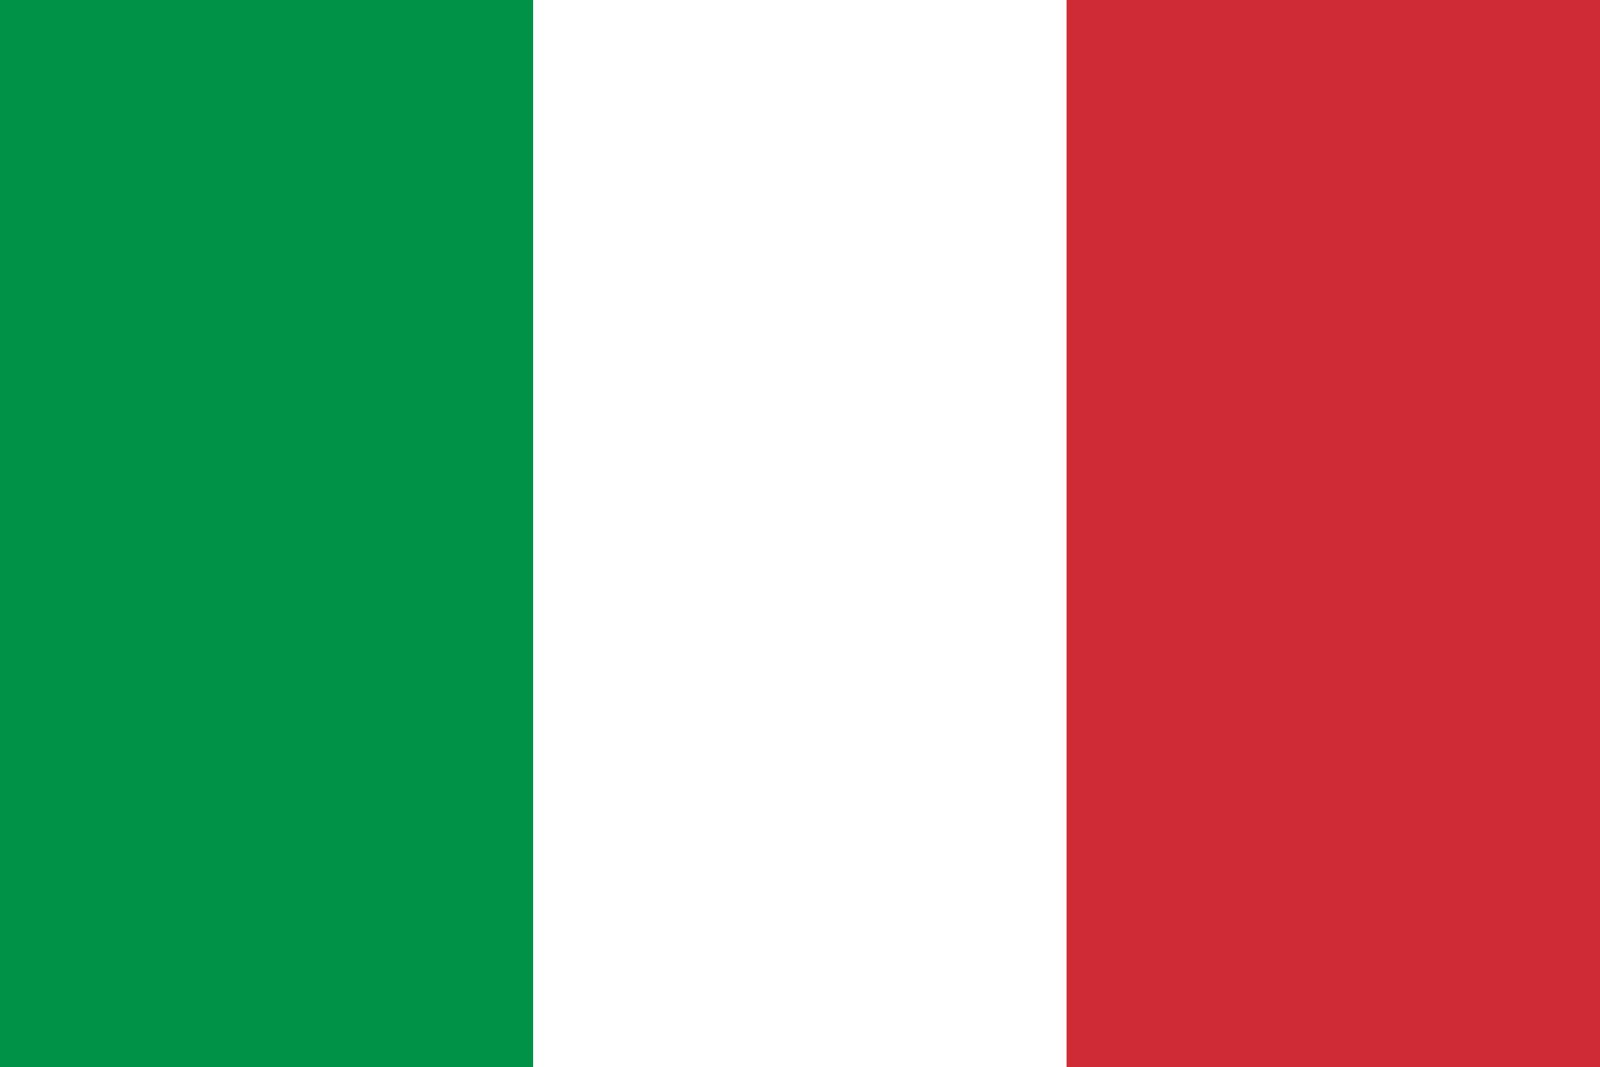 Wer Bringt In Italien Die Weihnachtsgeschenke.Kinderweltreise ǀ Italien Weihnachten In Italien